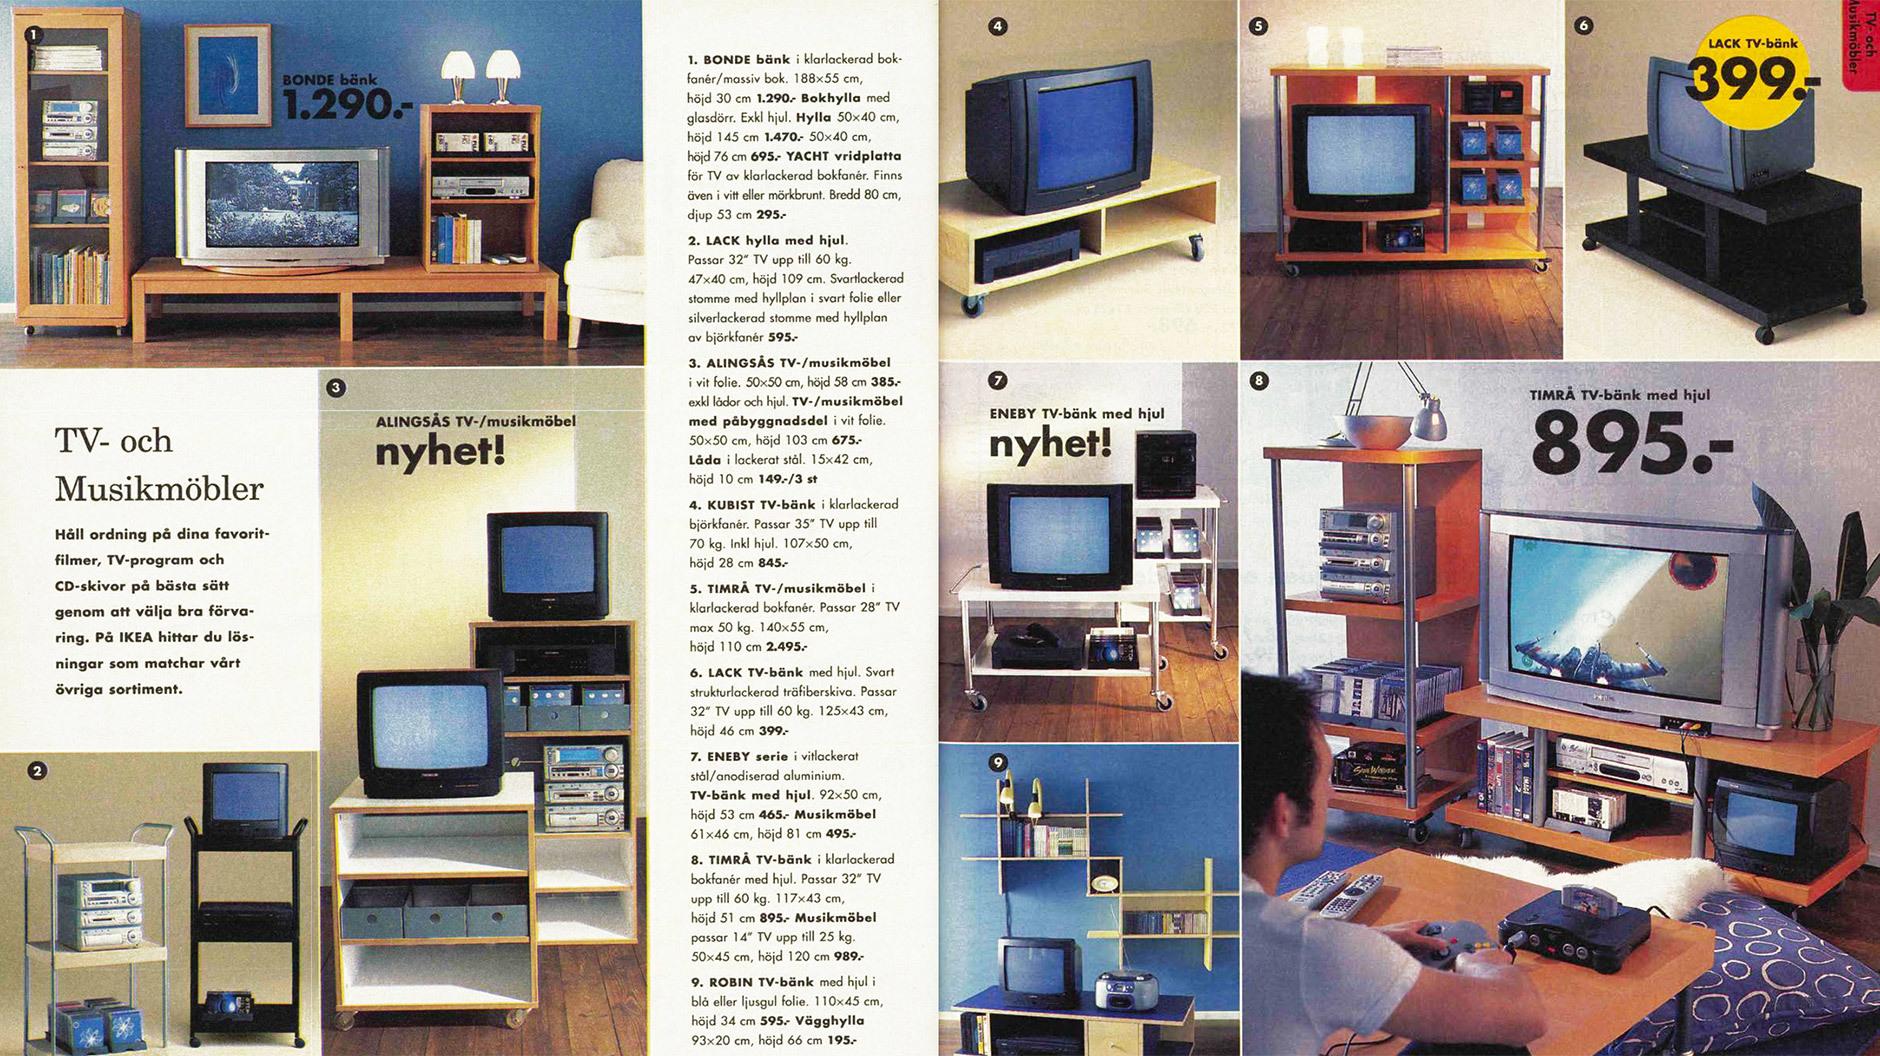 Auch die Röhren brauchten einen Ort zum Wohnen. TV-Möbel waren 2000 noch eine eigene Kategorie, heute findet sich an ihrer Stelle vielleicht mal ein Laptop-Tablett. @IKEA Katalog 2000